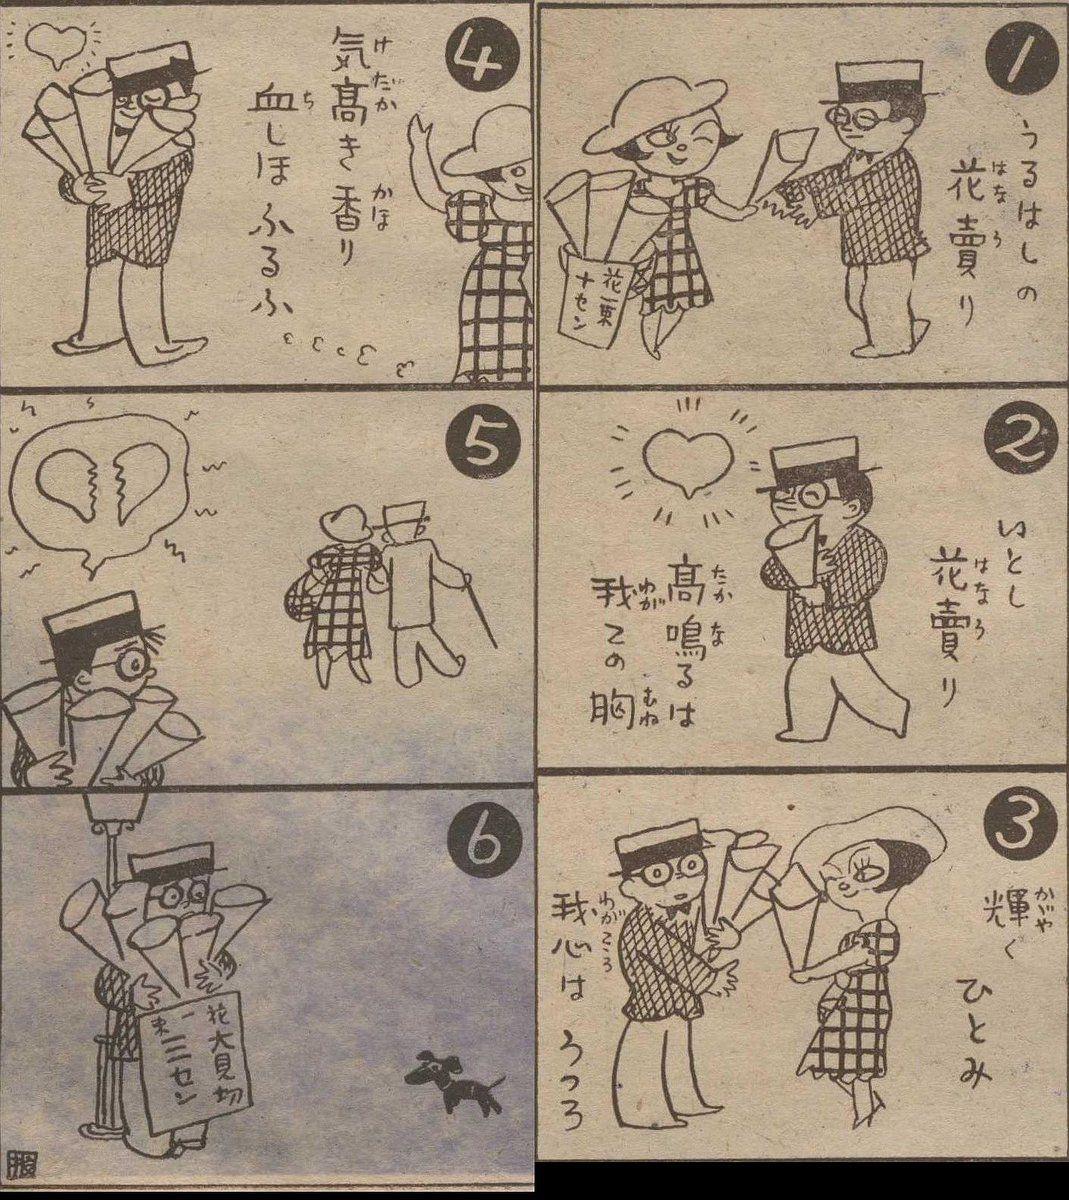 昭和10年(1935年)の6コマ漫画です。『東京写真新聞』より | 写真 ...